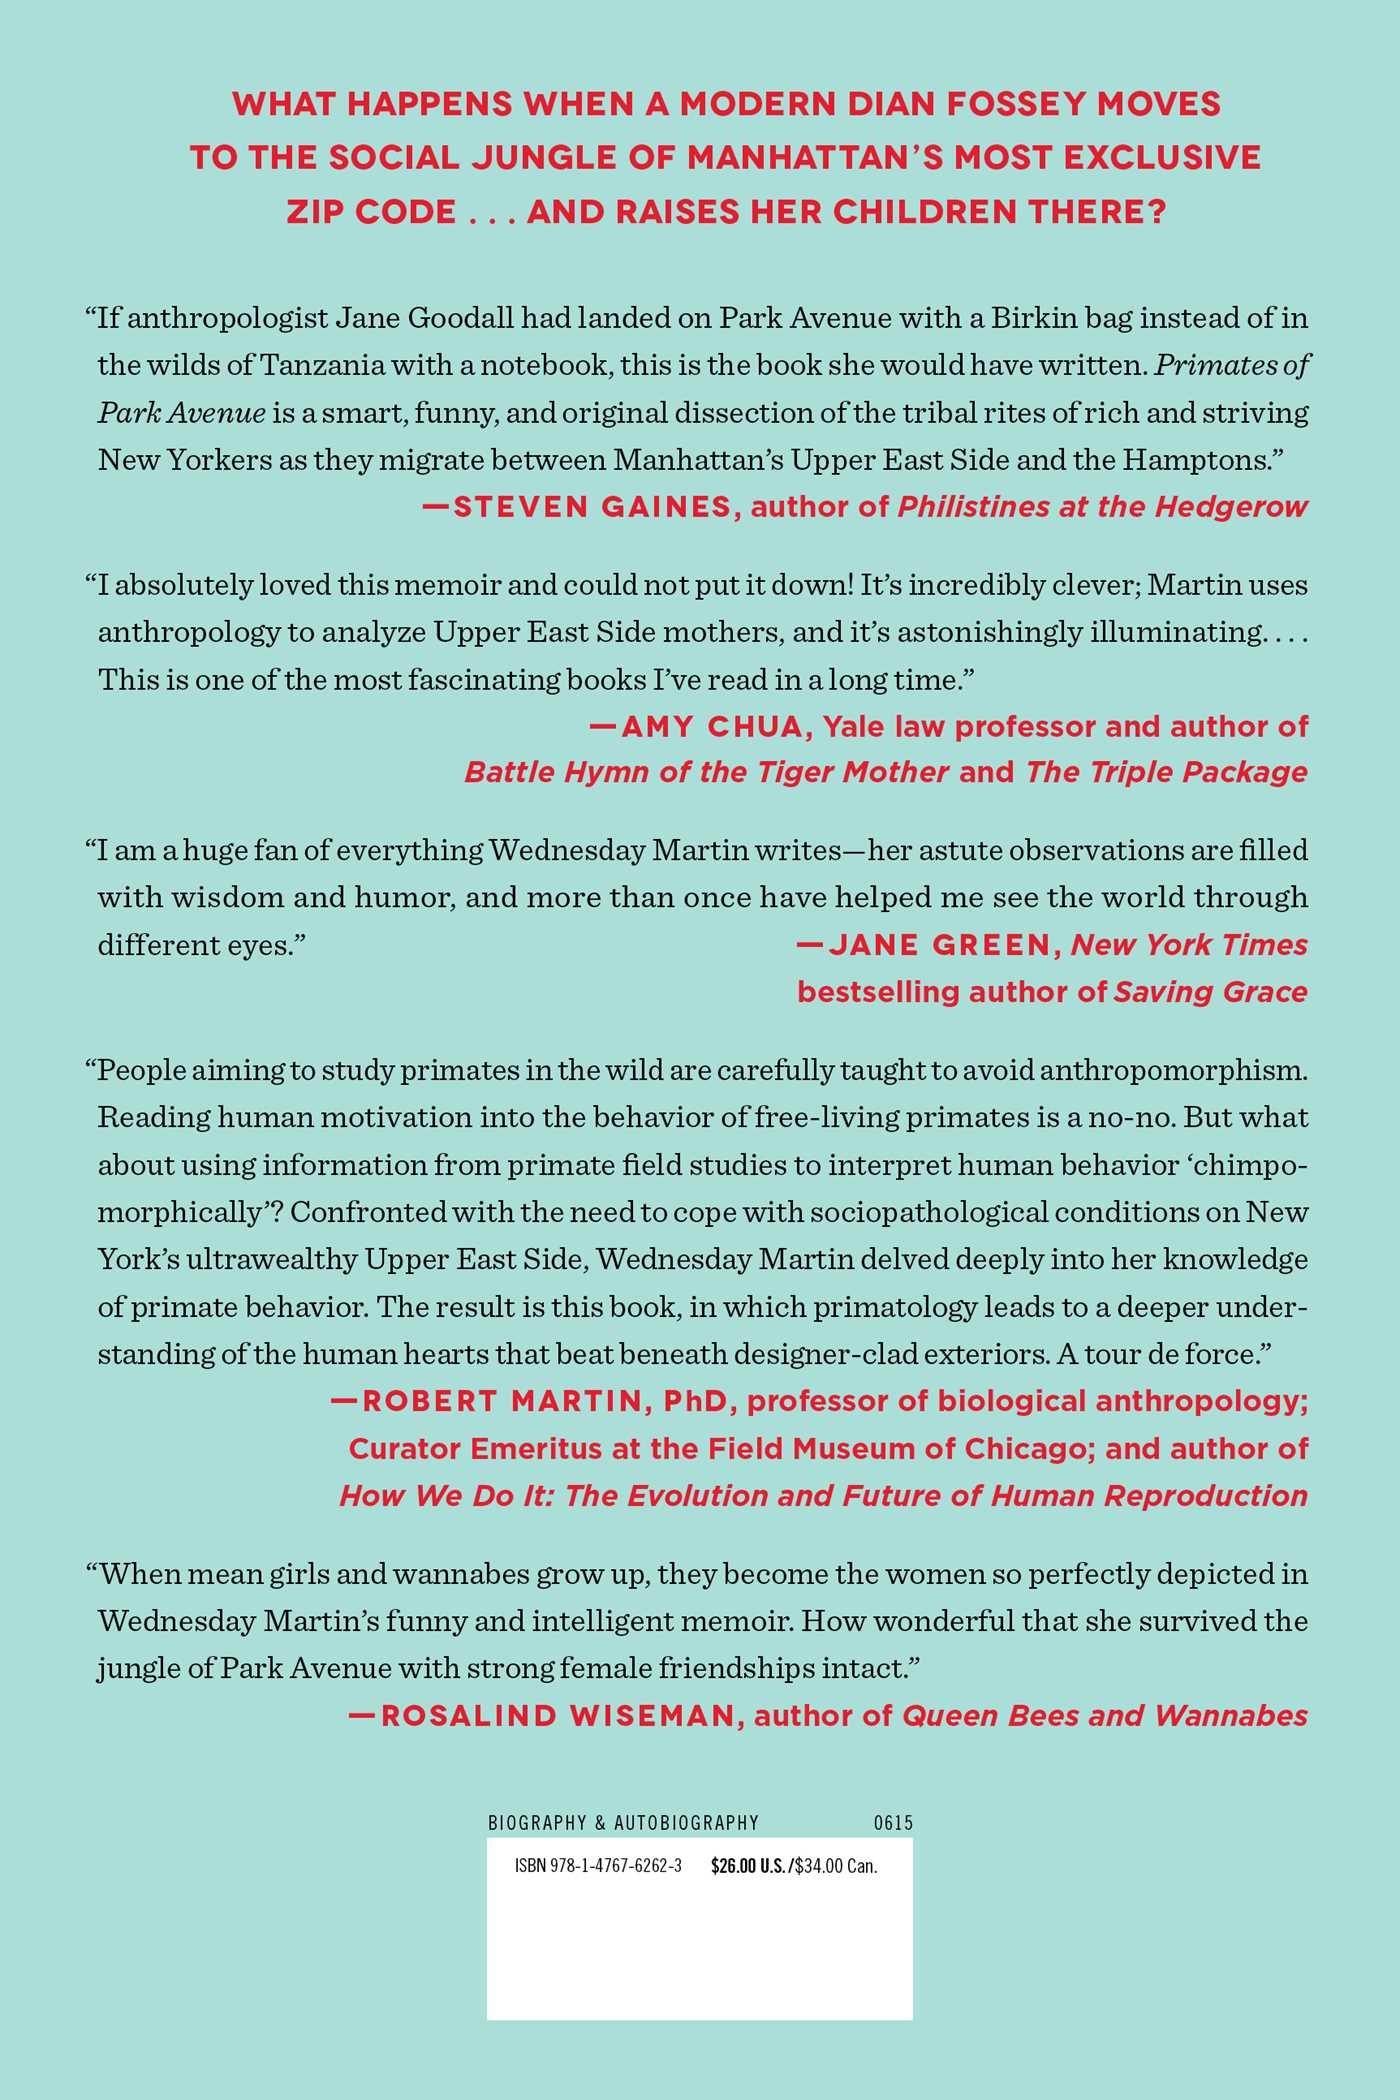 Buy Primates Of Park Avenue: A Memoir Book Online At Low Prices In India   Primates Of Park Avenue: A Memoir Reviews & Ratings  Amazon